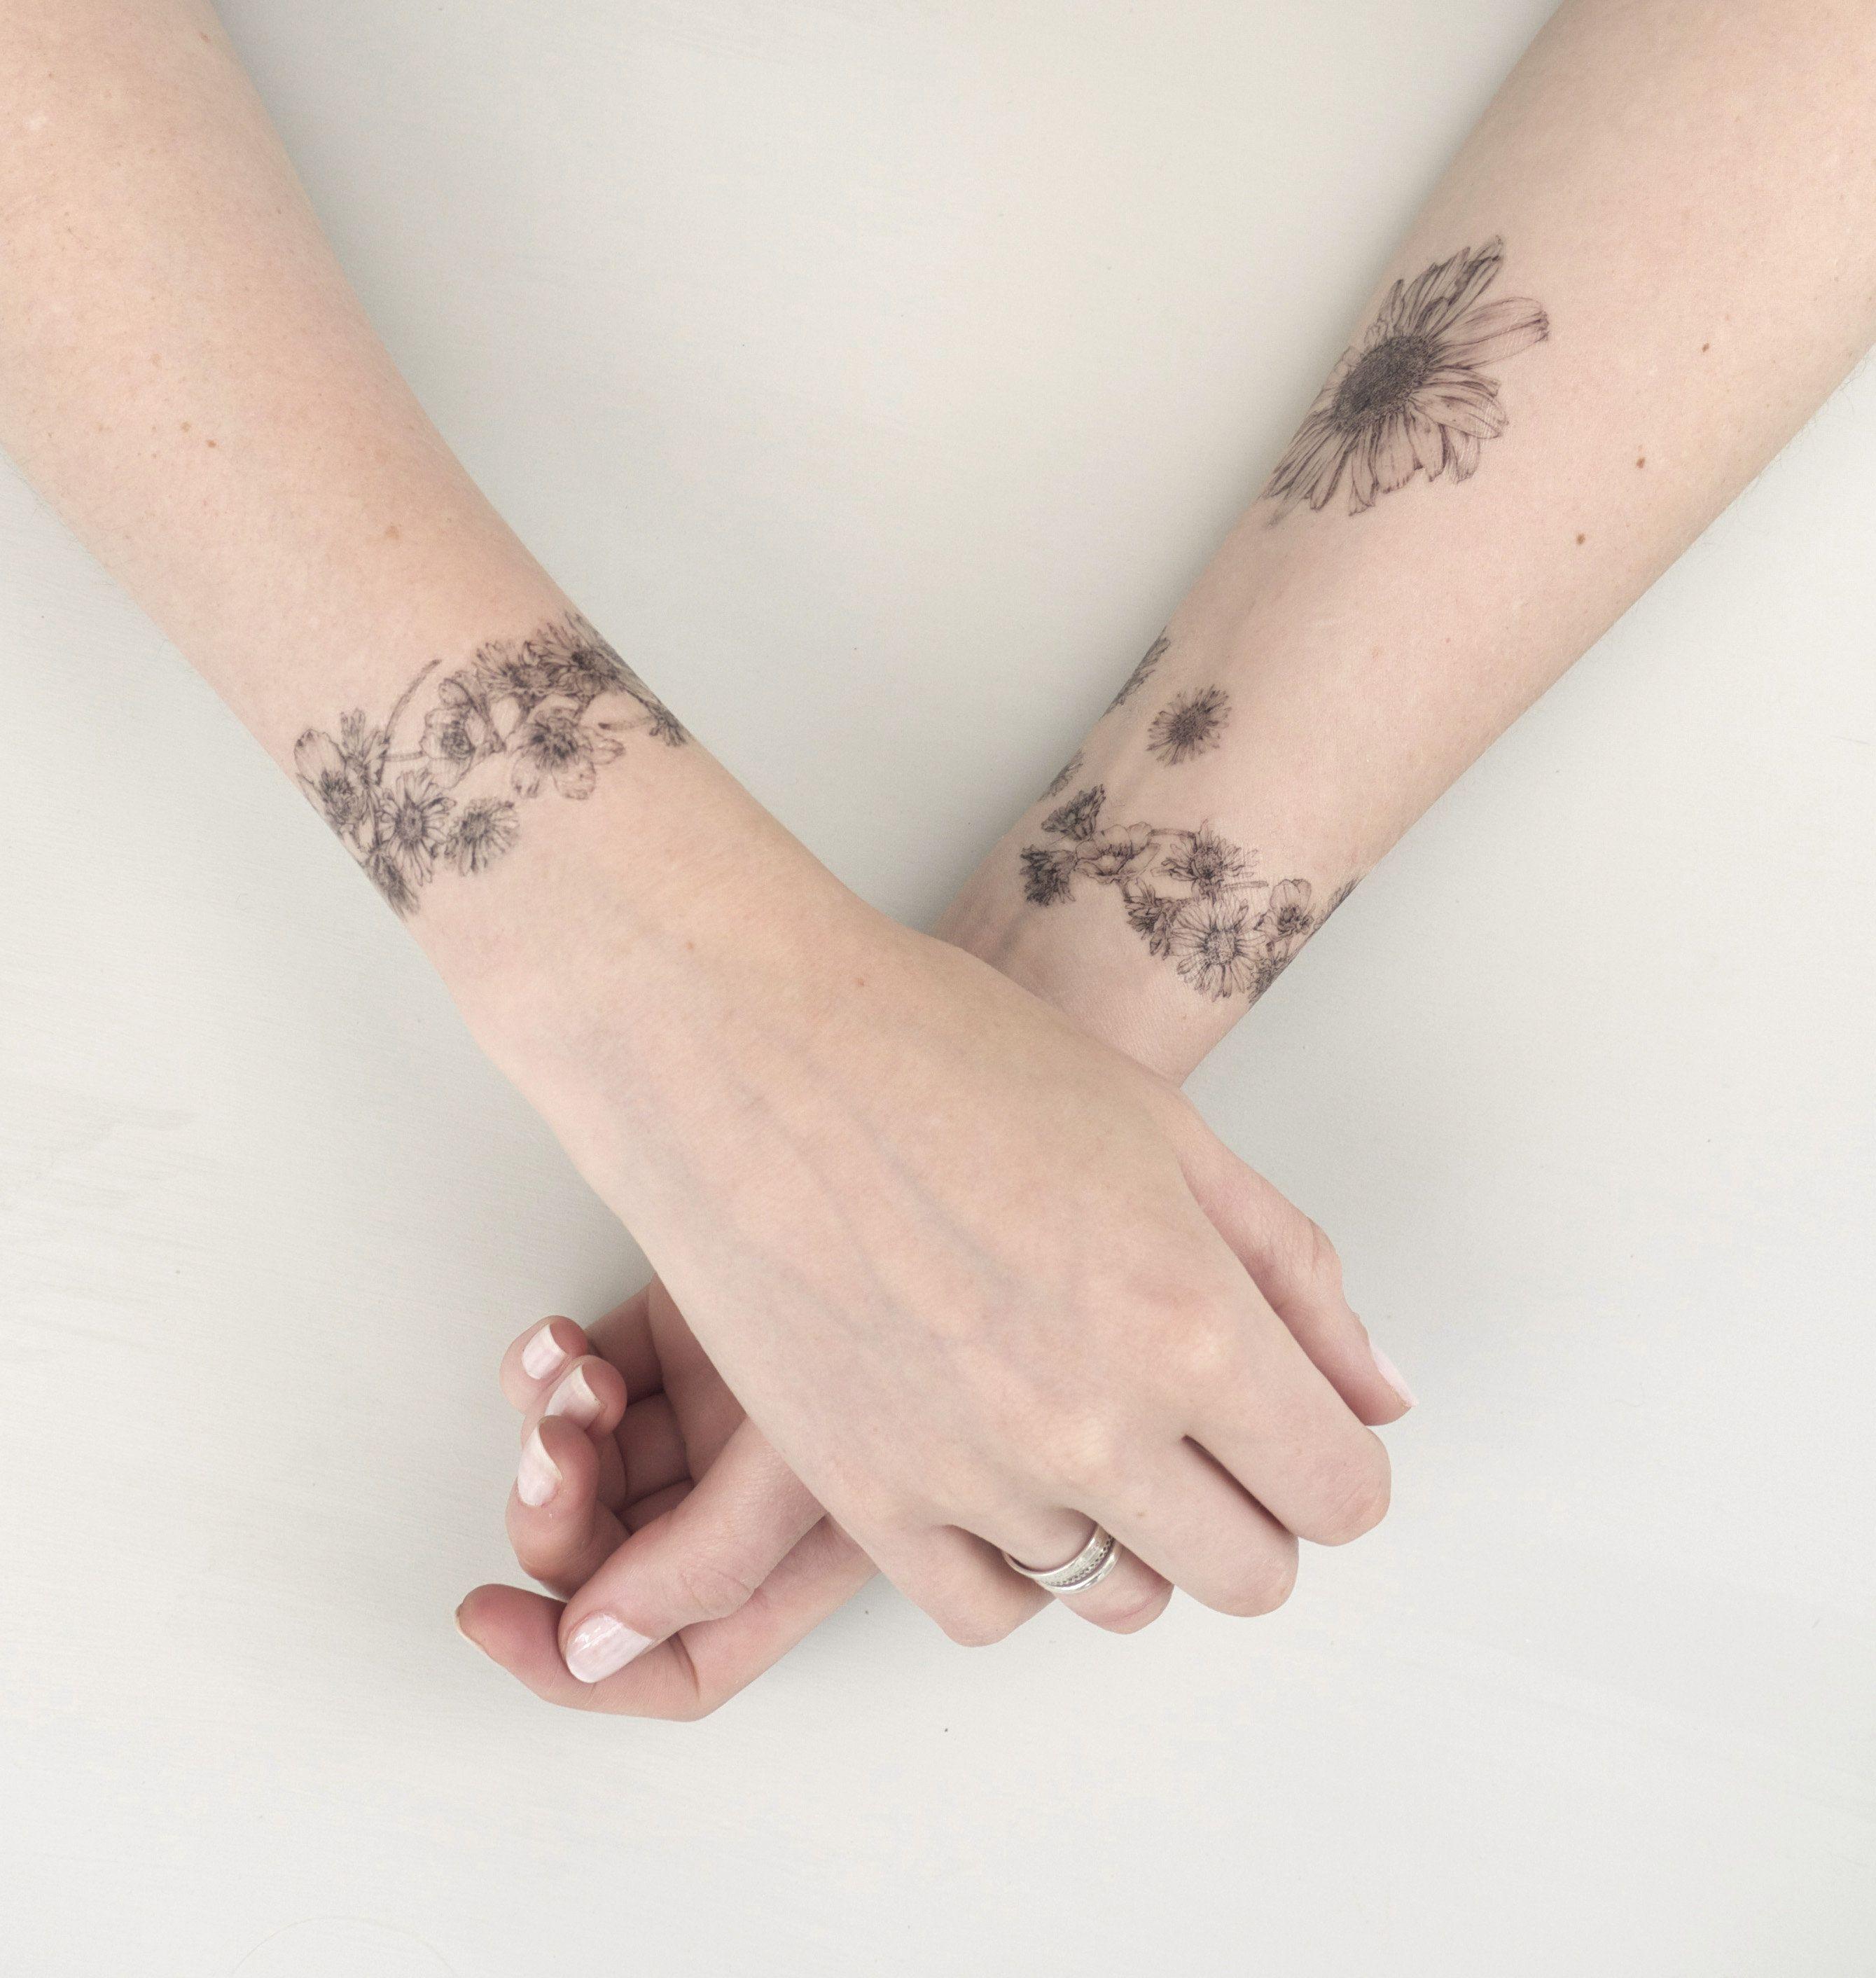 Daisy Chain Temporary Tattoo Kit